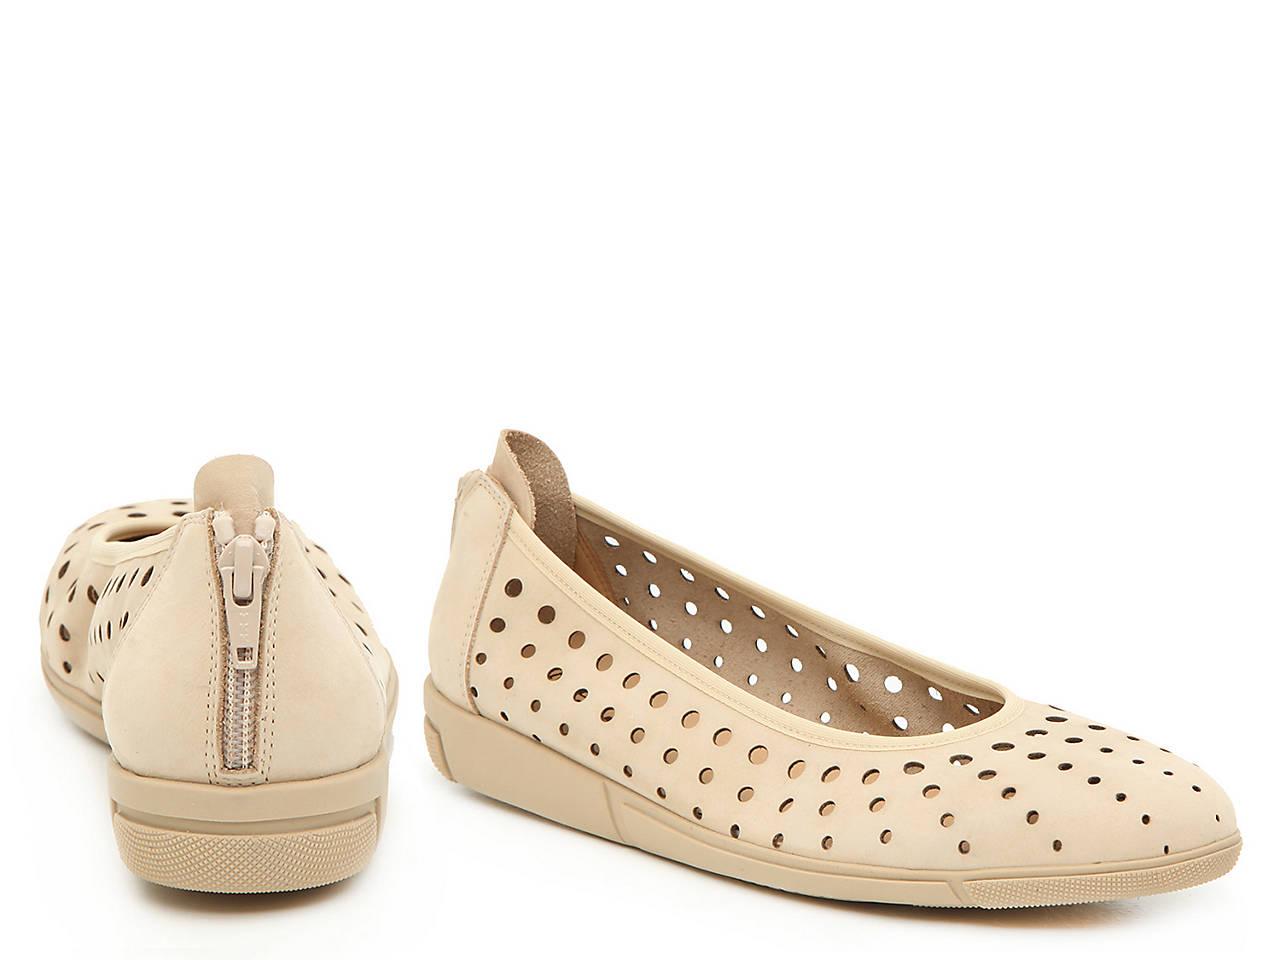 4b2b2ea9a3b Sesto Meucci Diva Slip-On Women s Shoes